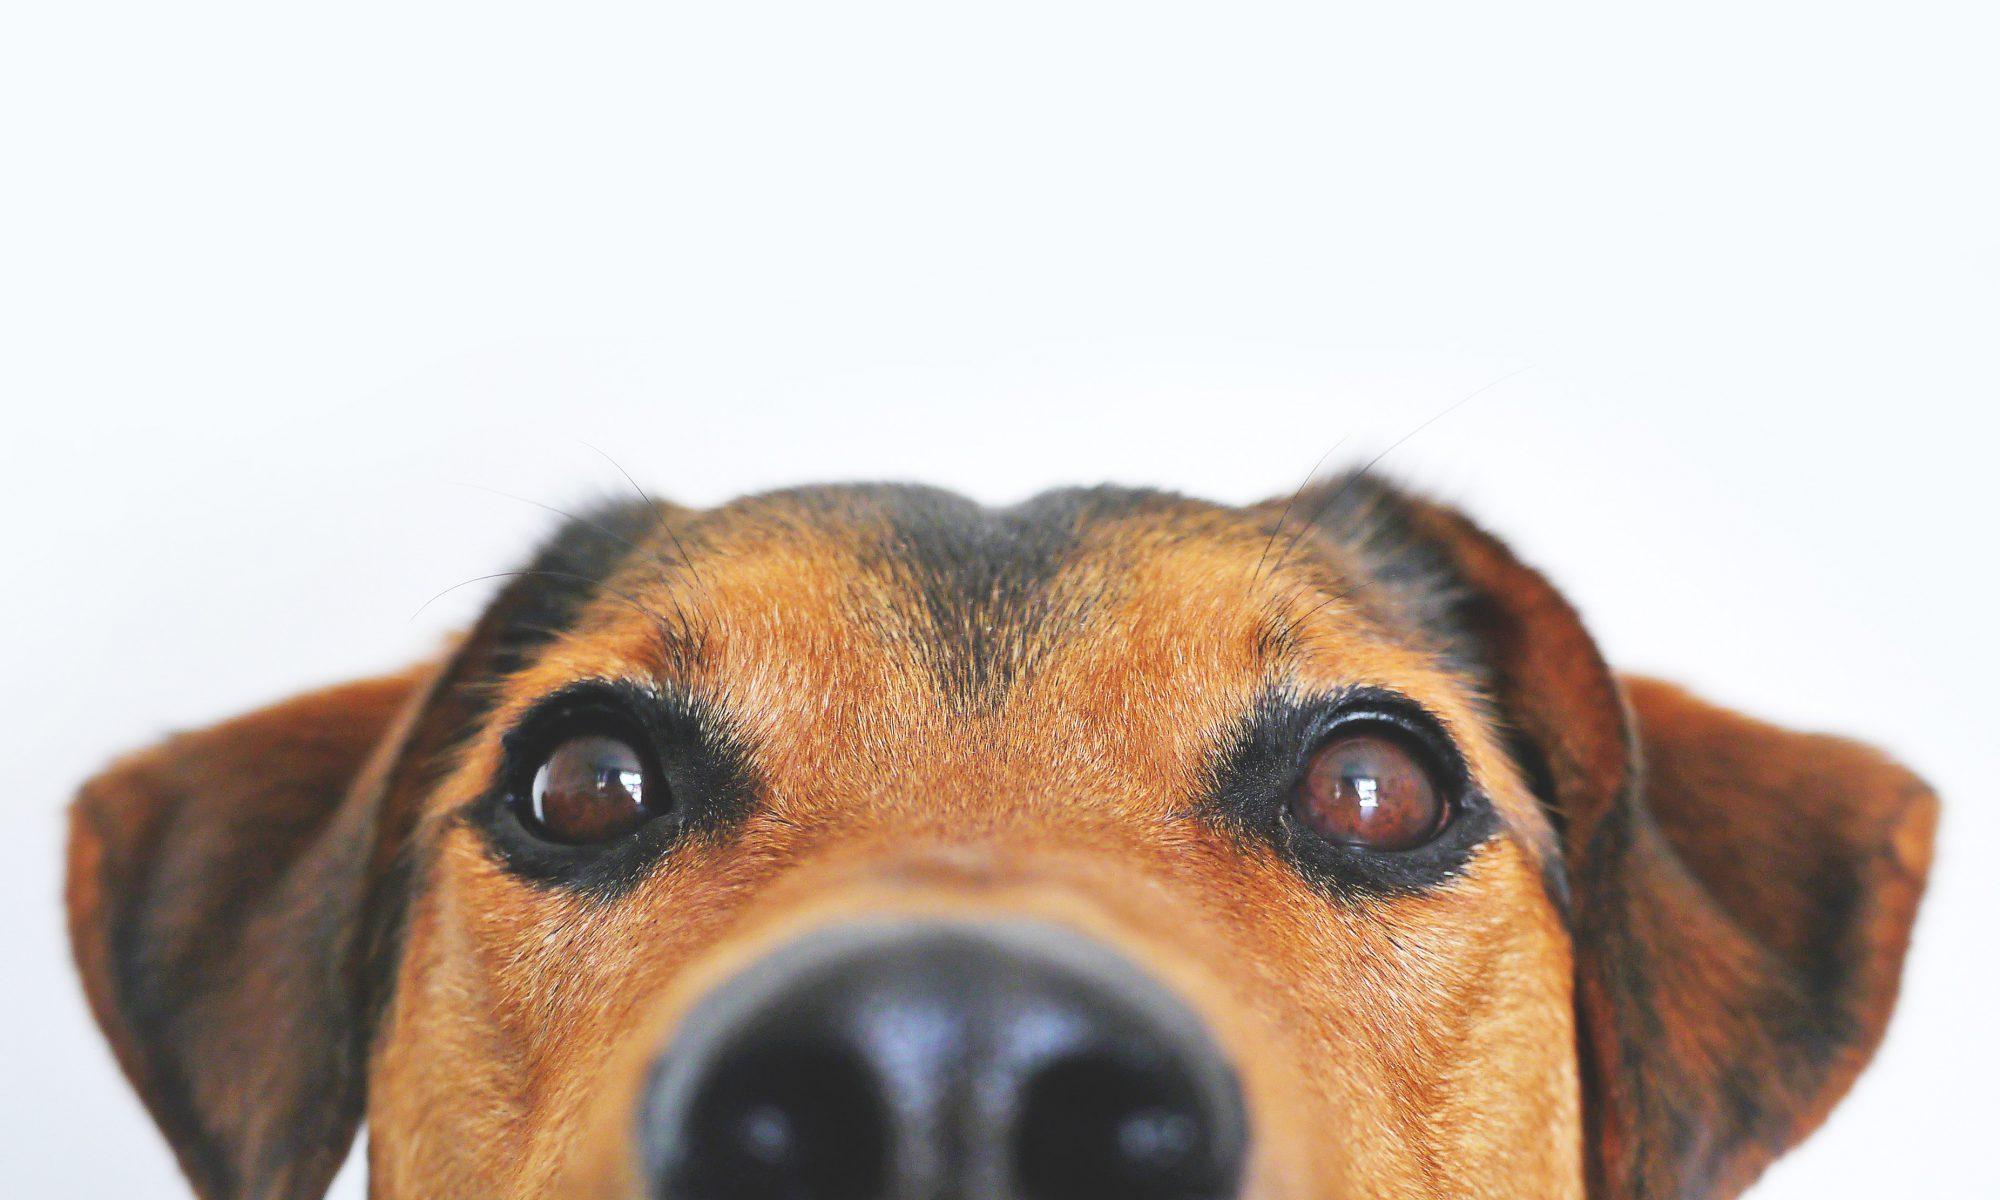 cropped-adorable-animal-blur-406014.jpg